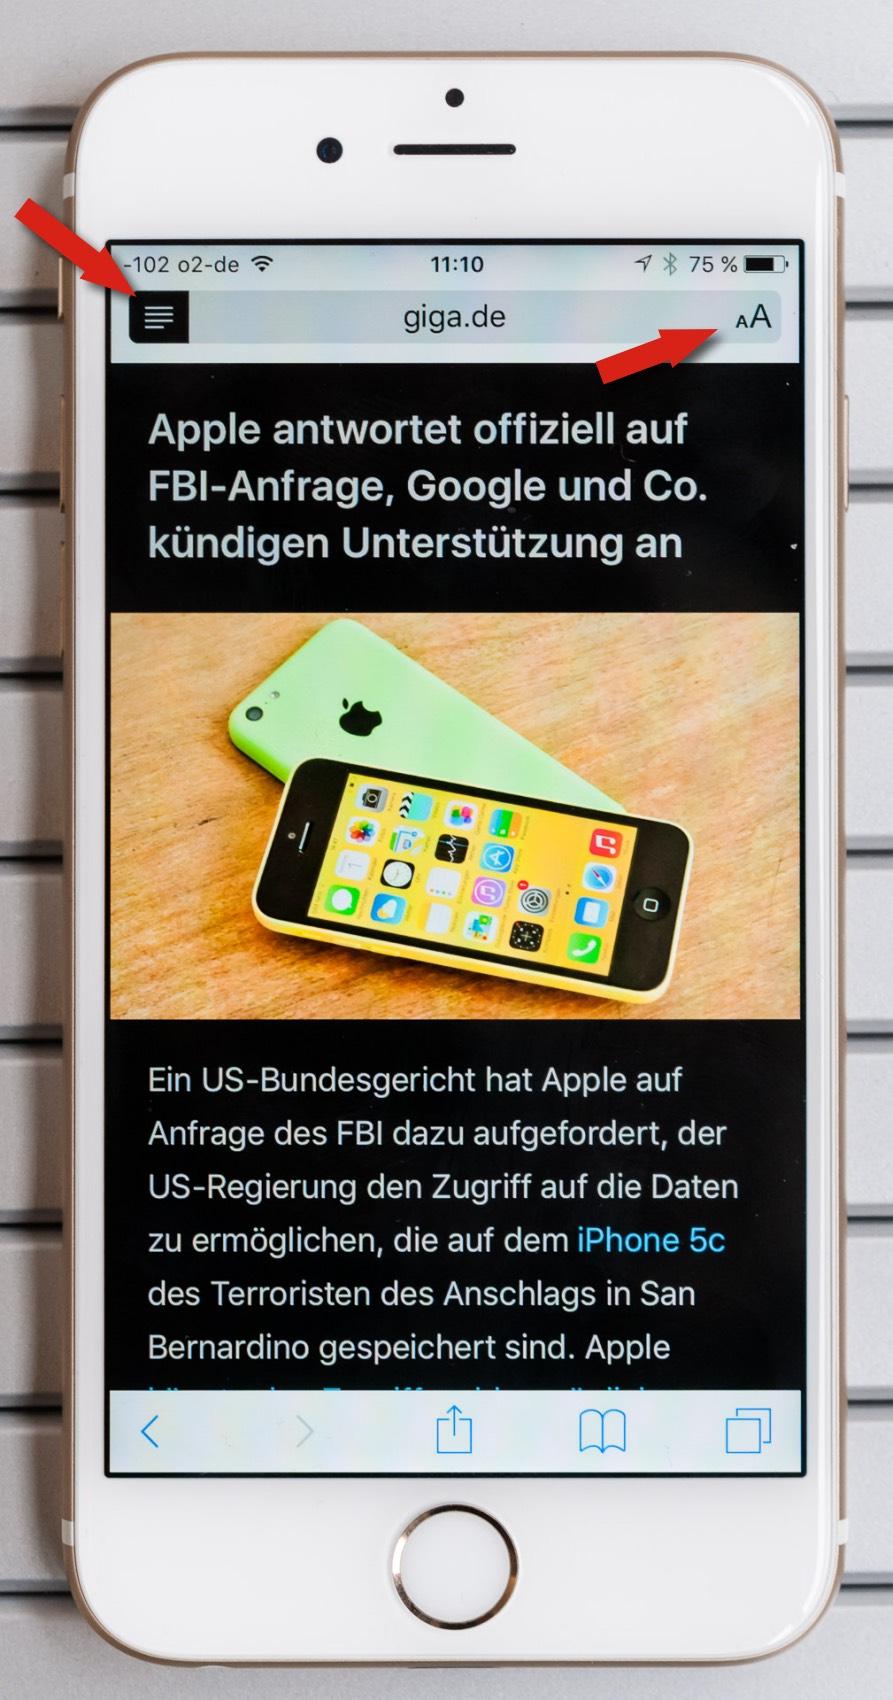 Iphone bucher hintergrund schwarz